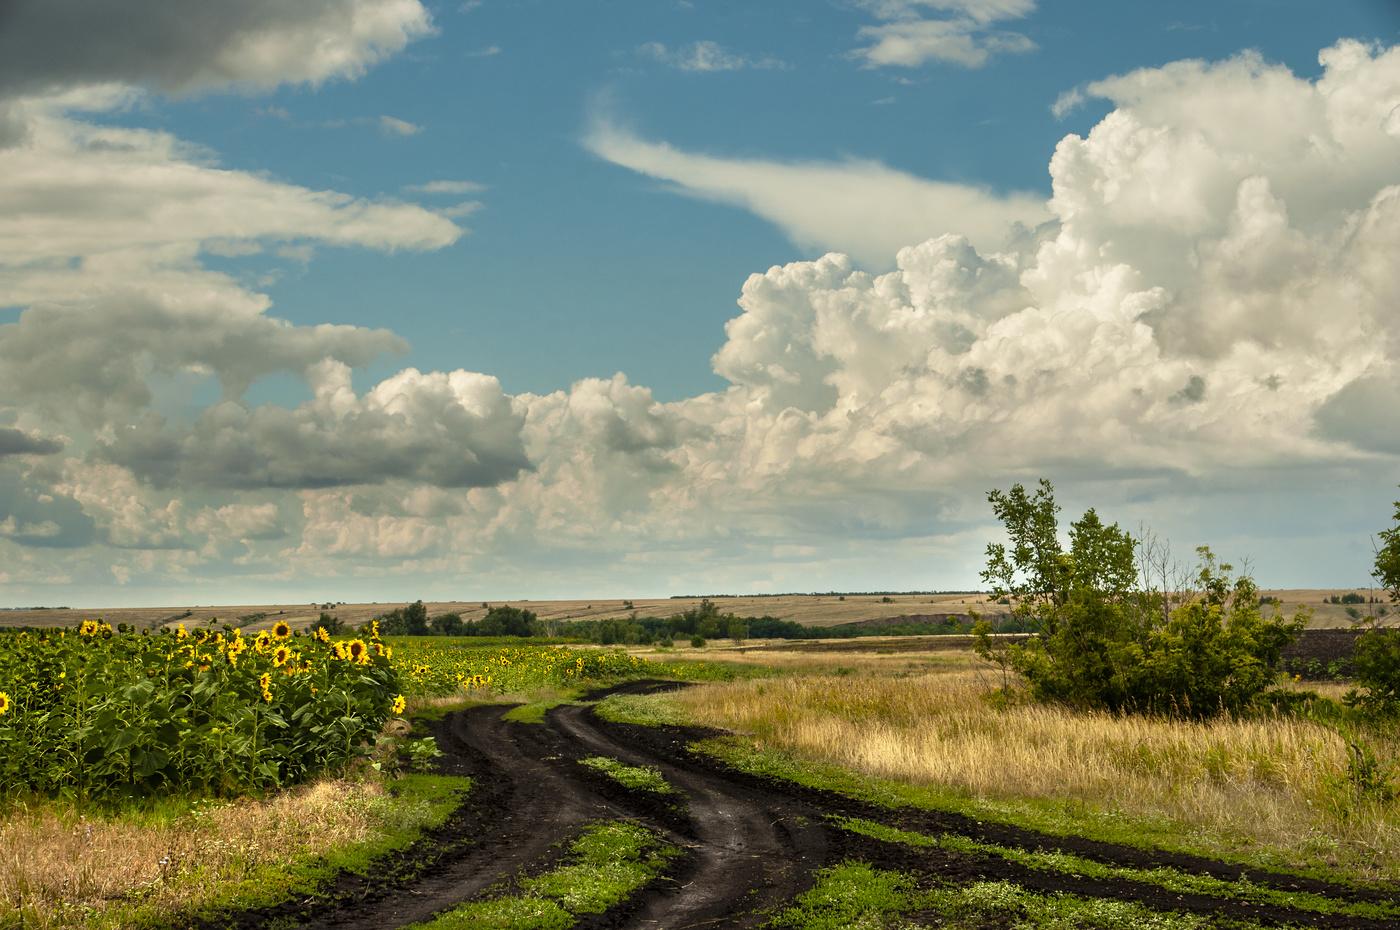 фото красивые дороги деревенский пейзаж близкие